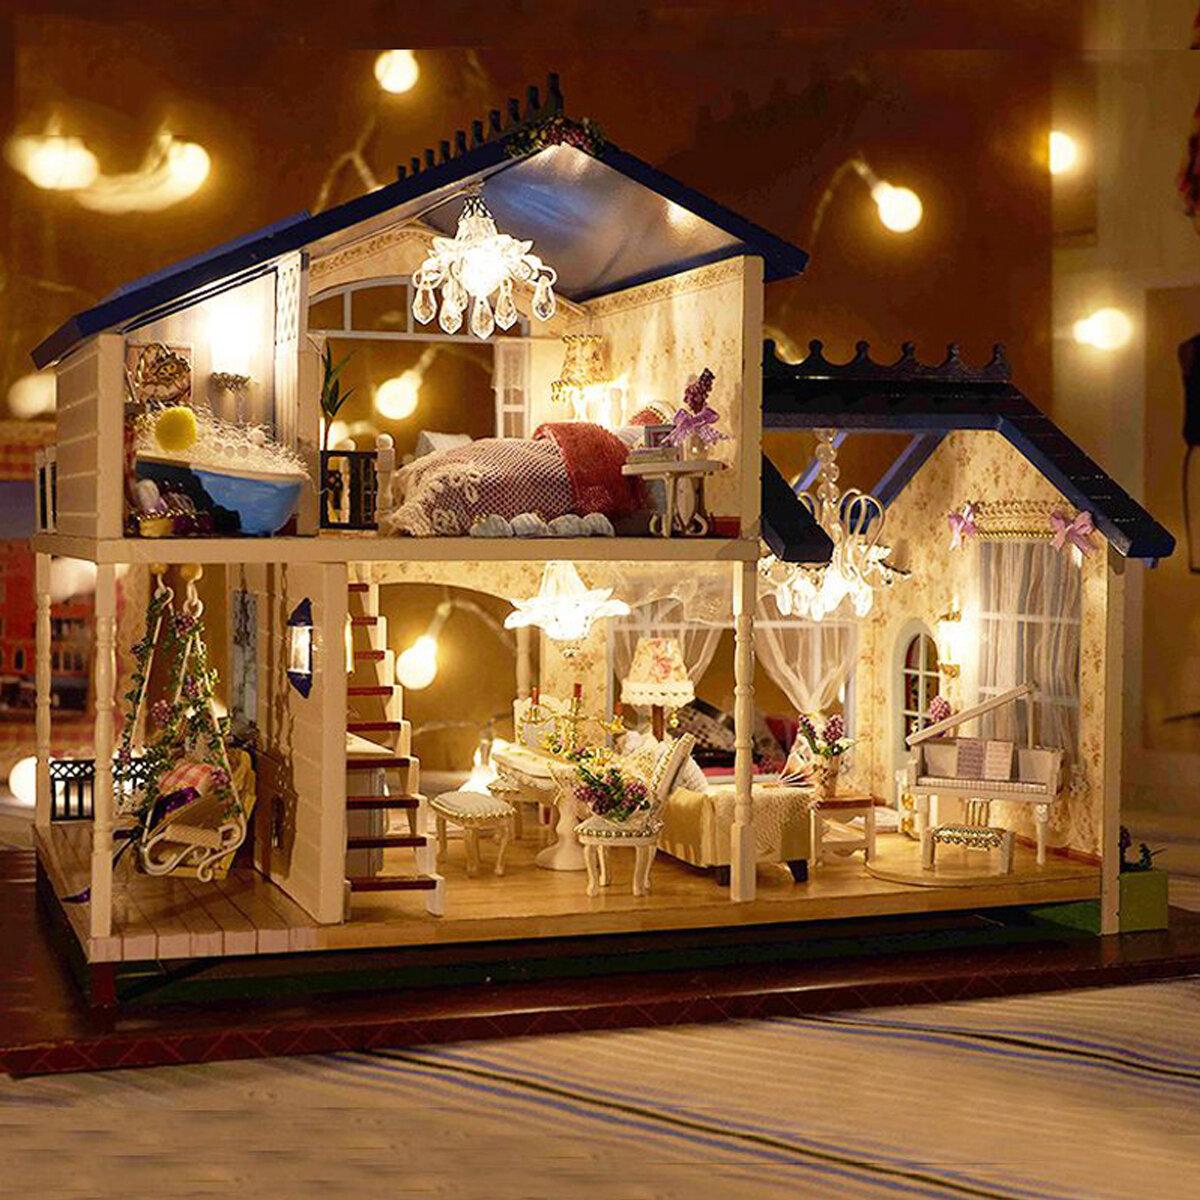 Casa de muñecas Provenza en miniatura con luz LED DIY Kit Casa de muñecas de madera Modelo Juguete para niños con muebles Adorno para el hogar Regalo hecho a mano familiar